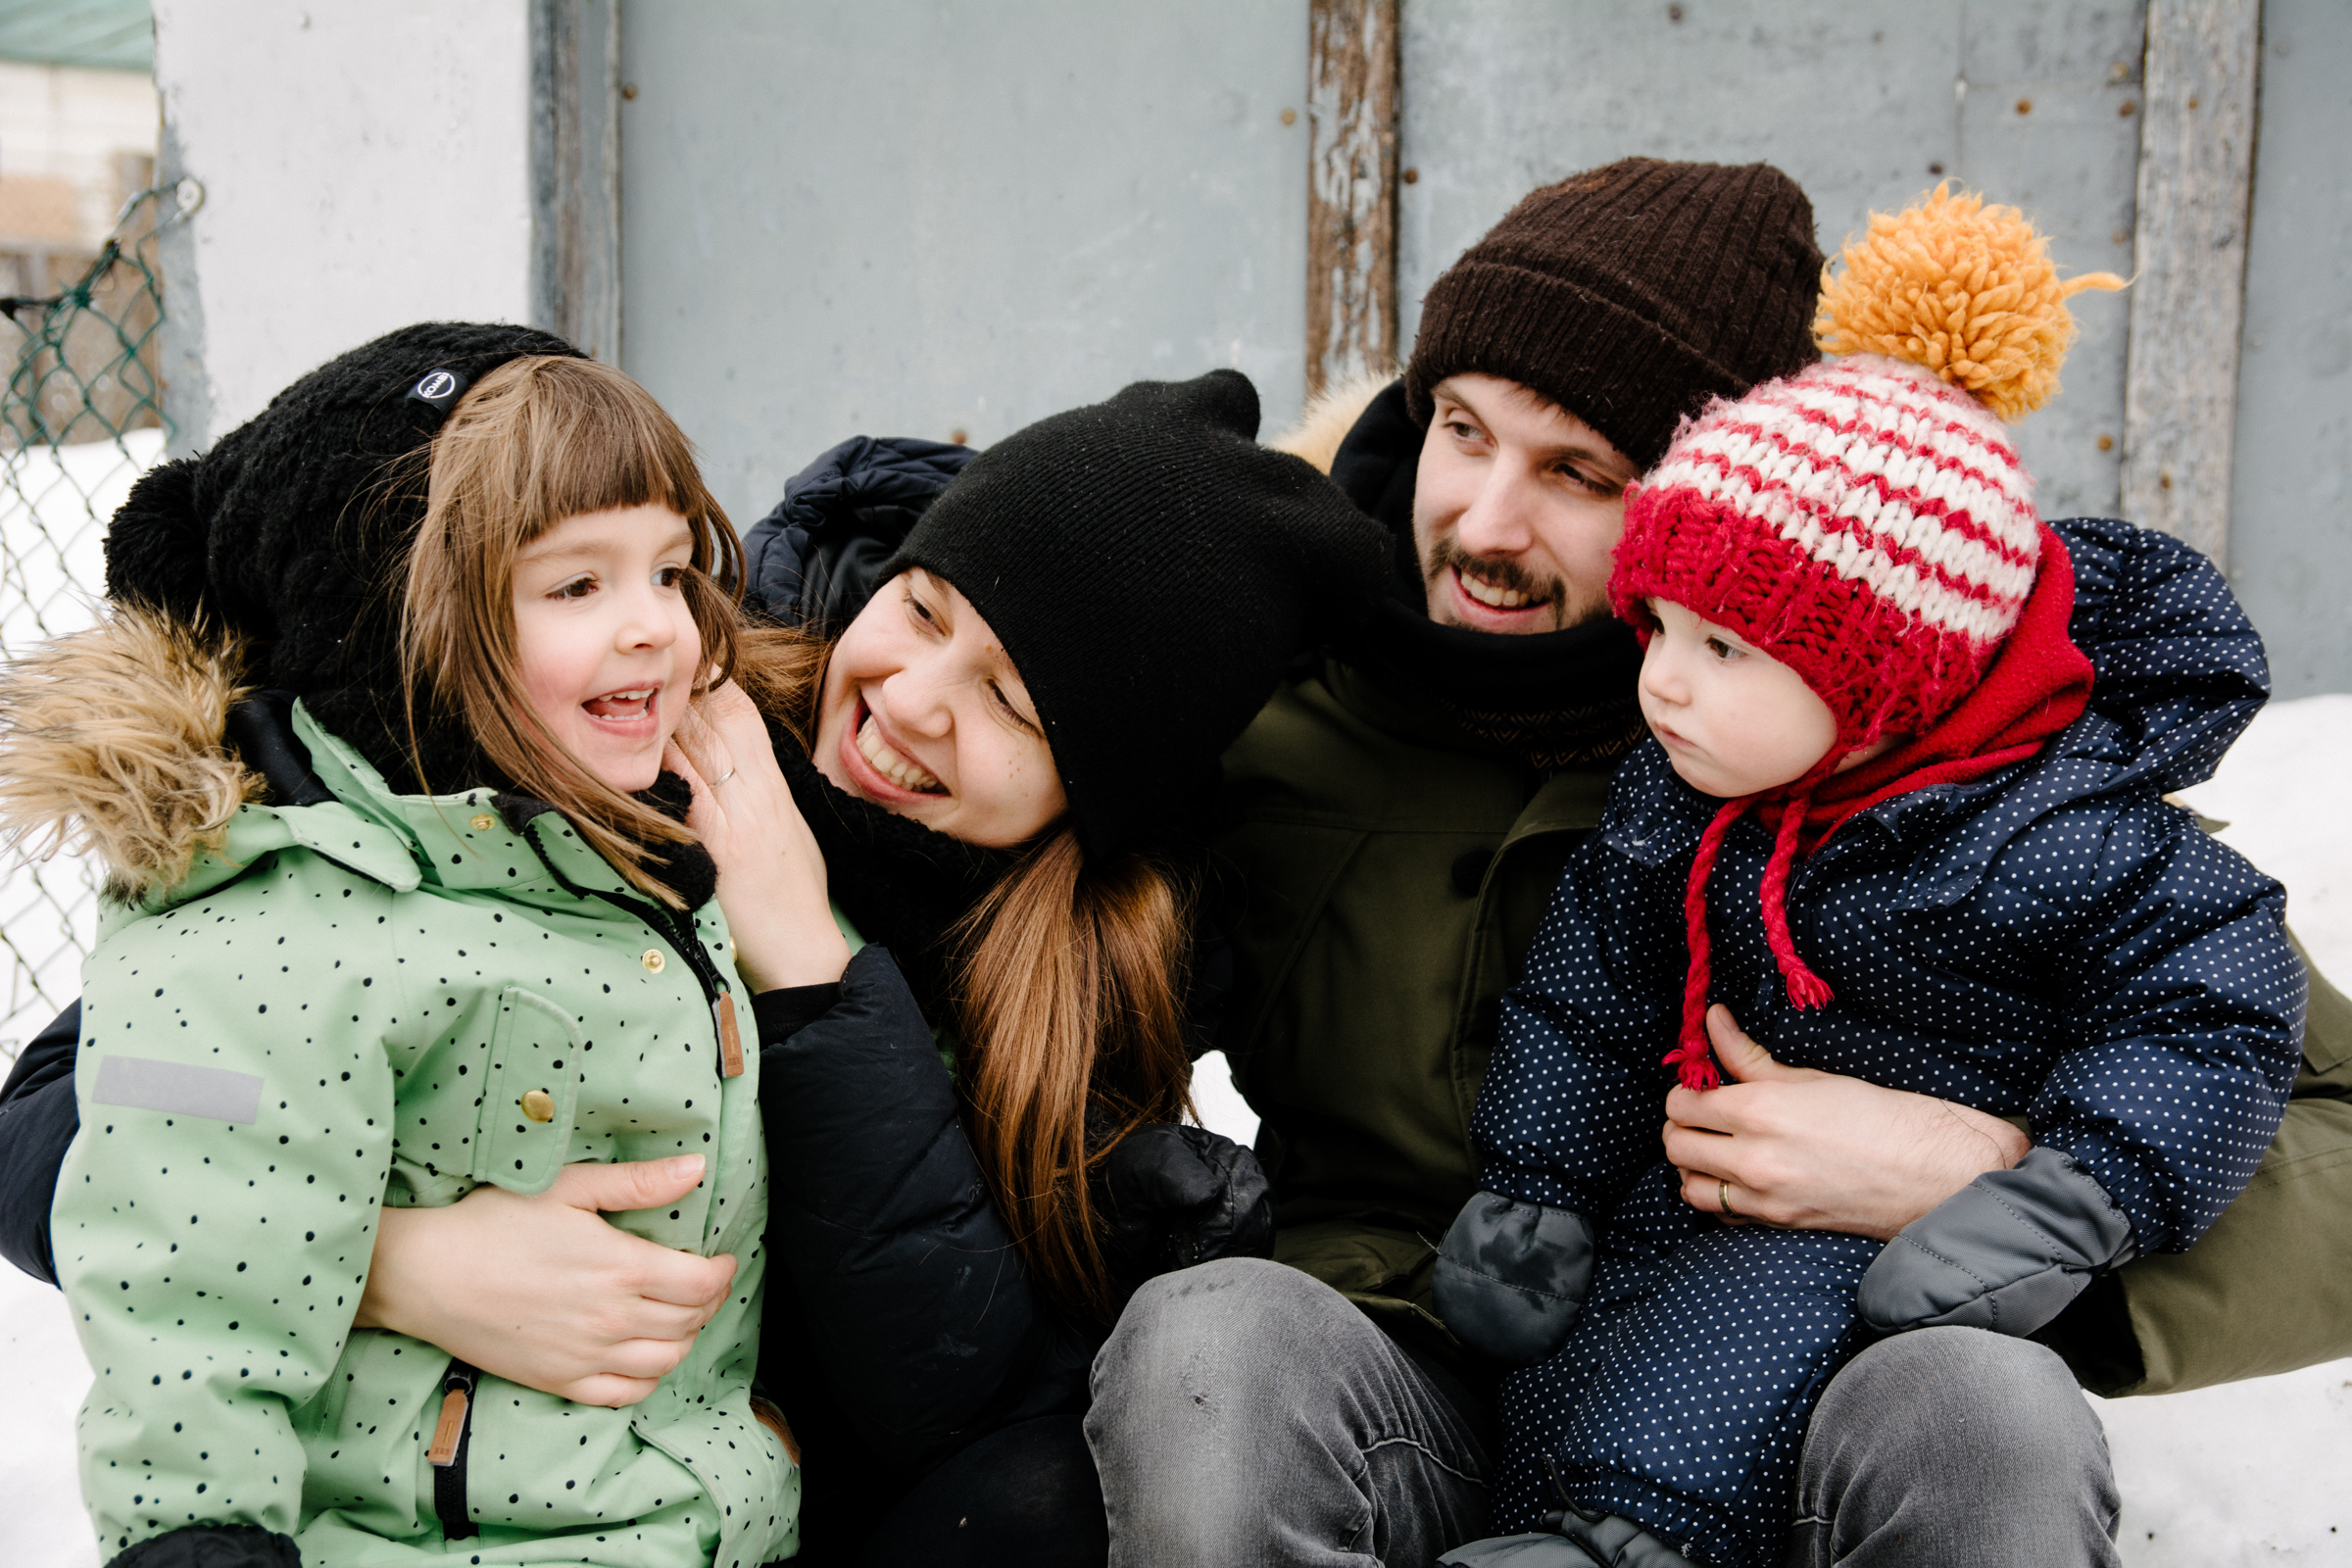 photo-de-famille-heureuse-dans-une-ruelle-de-rosemont-l-hiver-photographe-famille-lifestyle-a-montreal-201.jpg